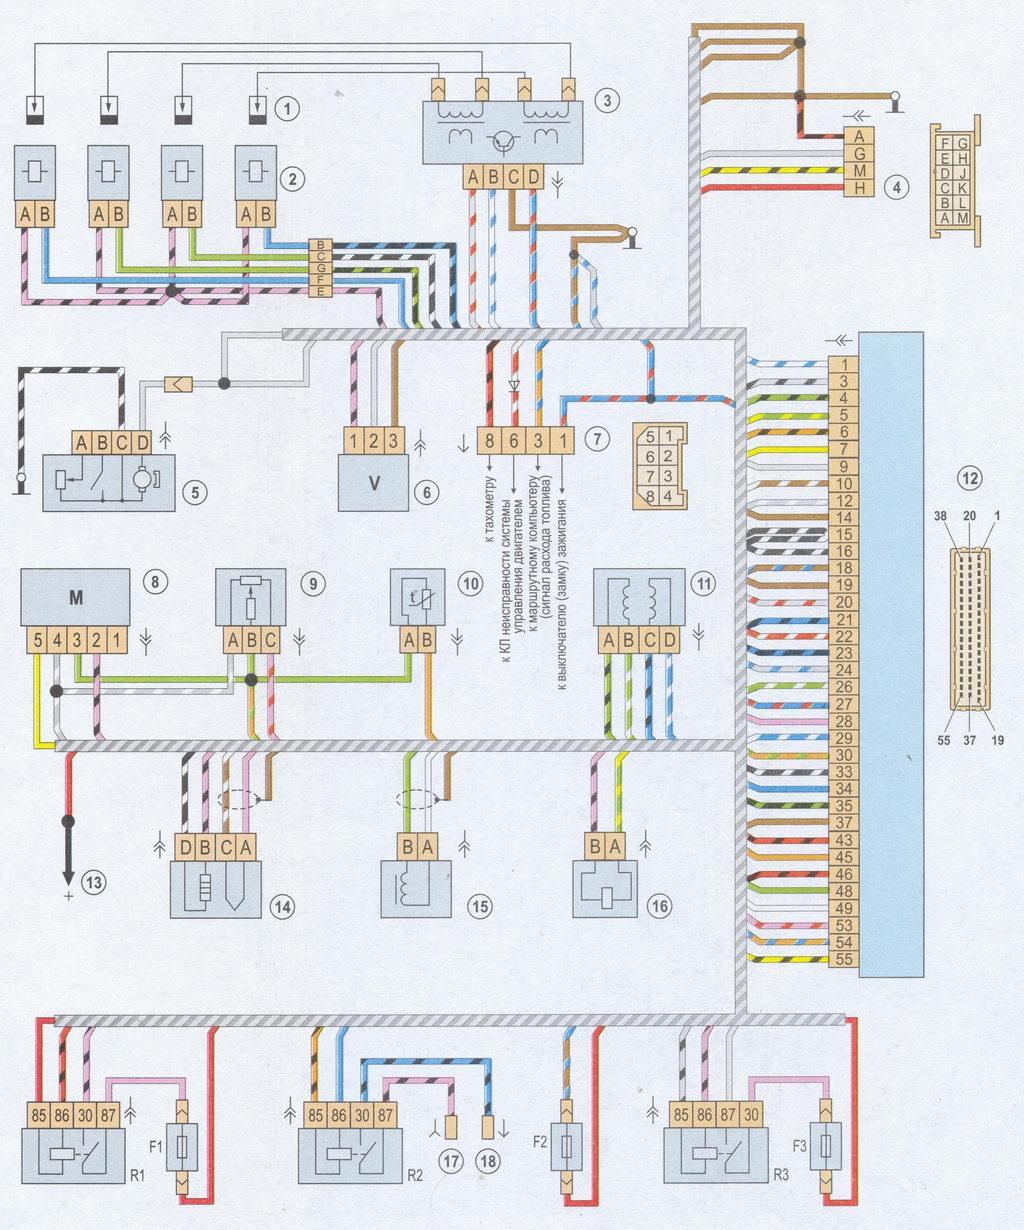 ...автомобилей Ваз 14 Схема электрических соединений ЭСУД GM, ВАЗ-2107 с. электрическая схема orion 50 72a.